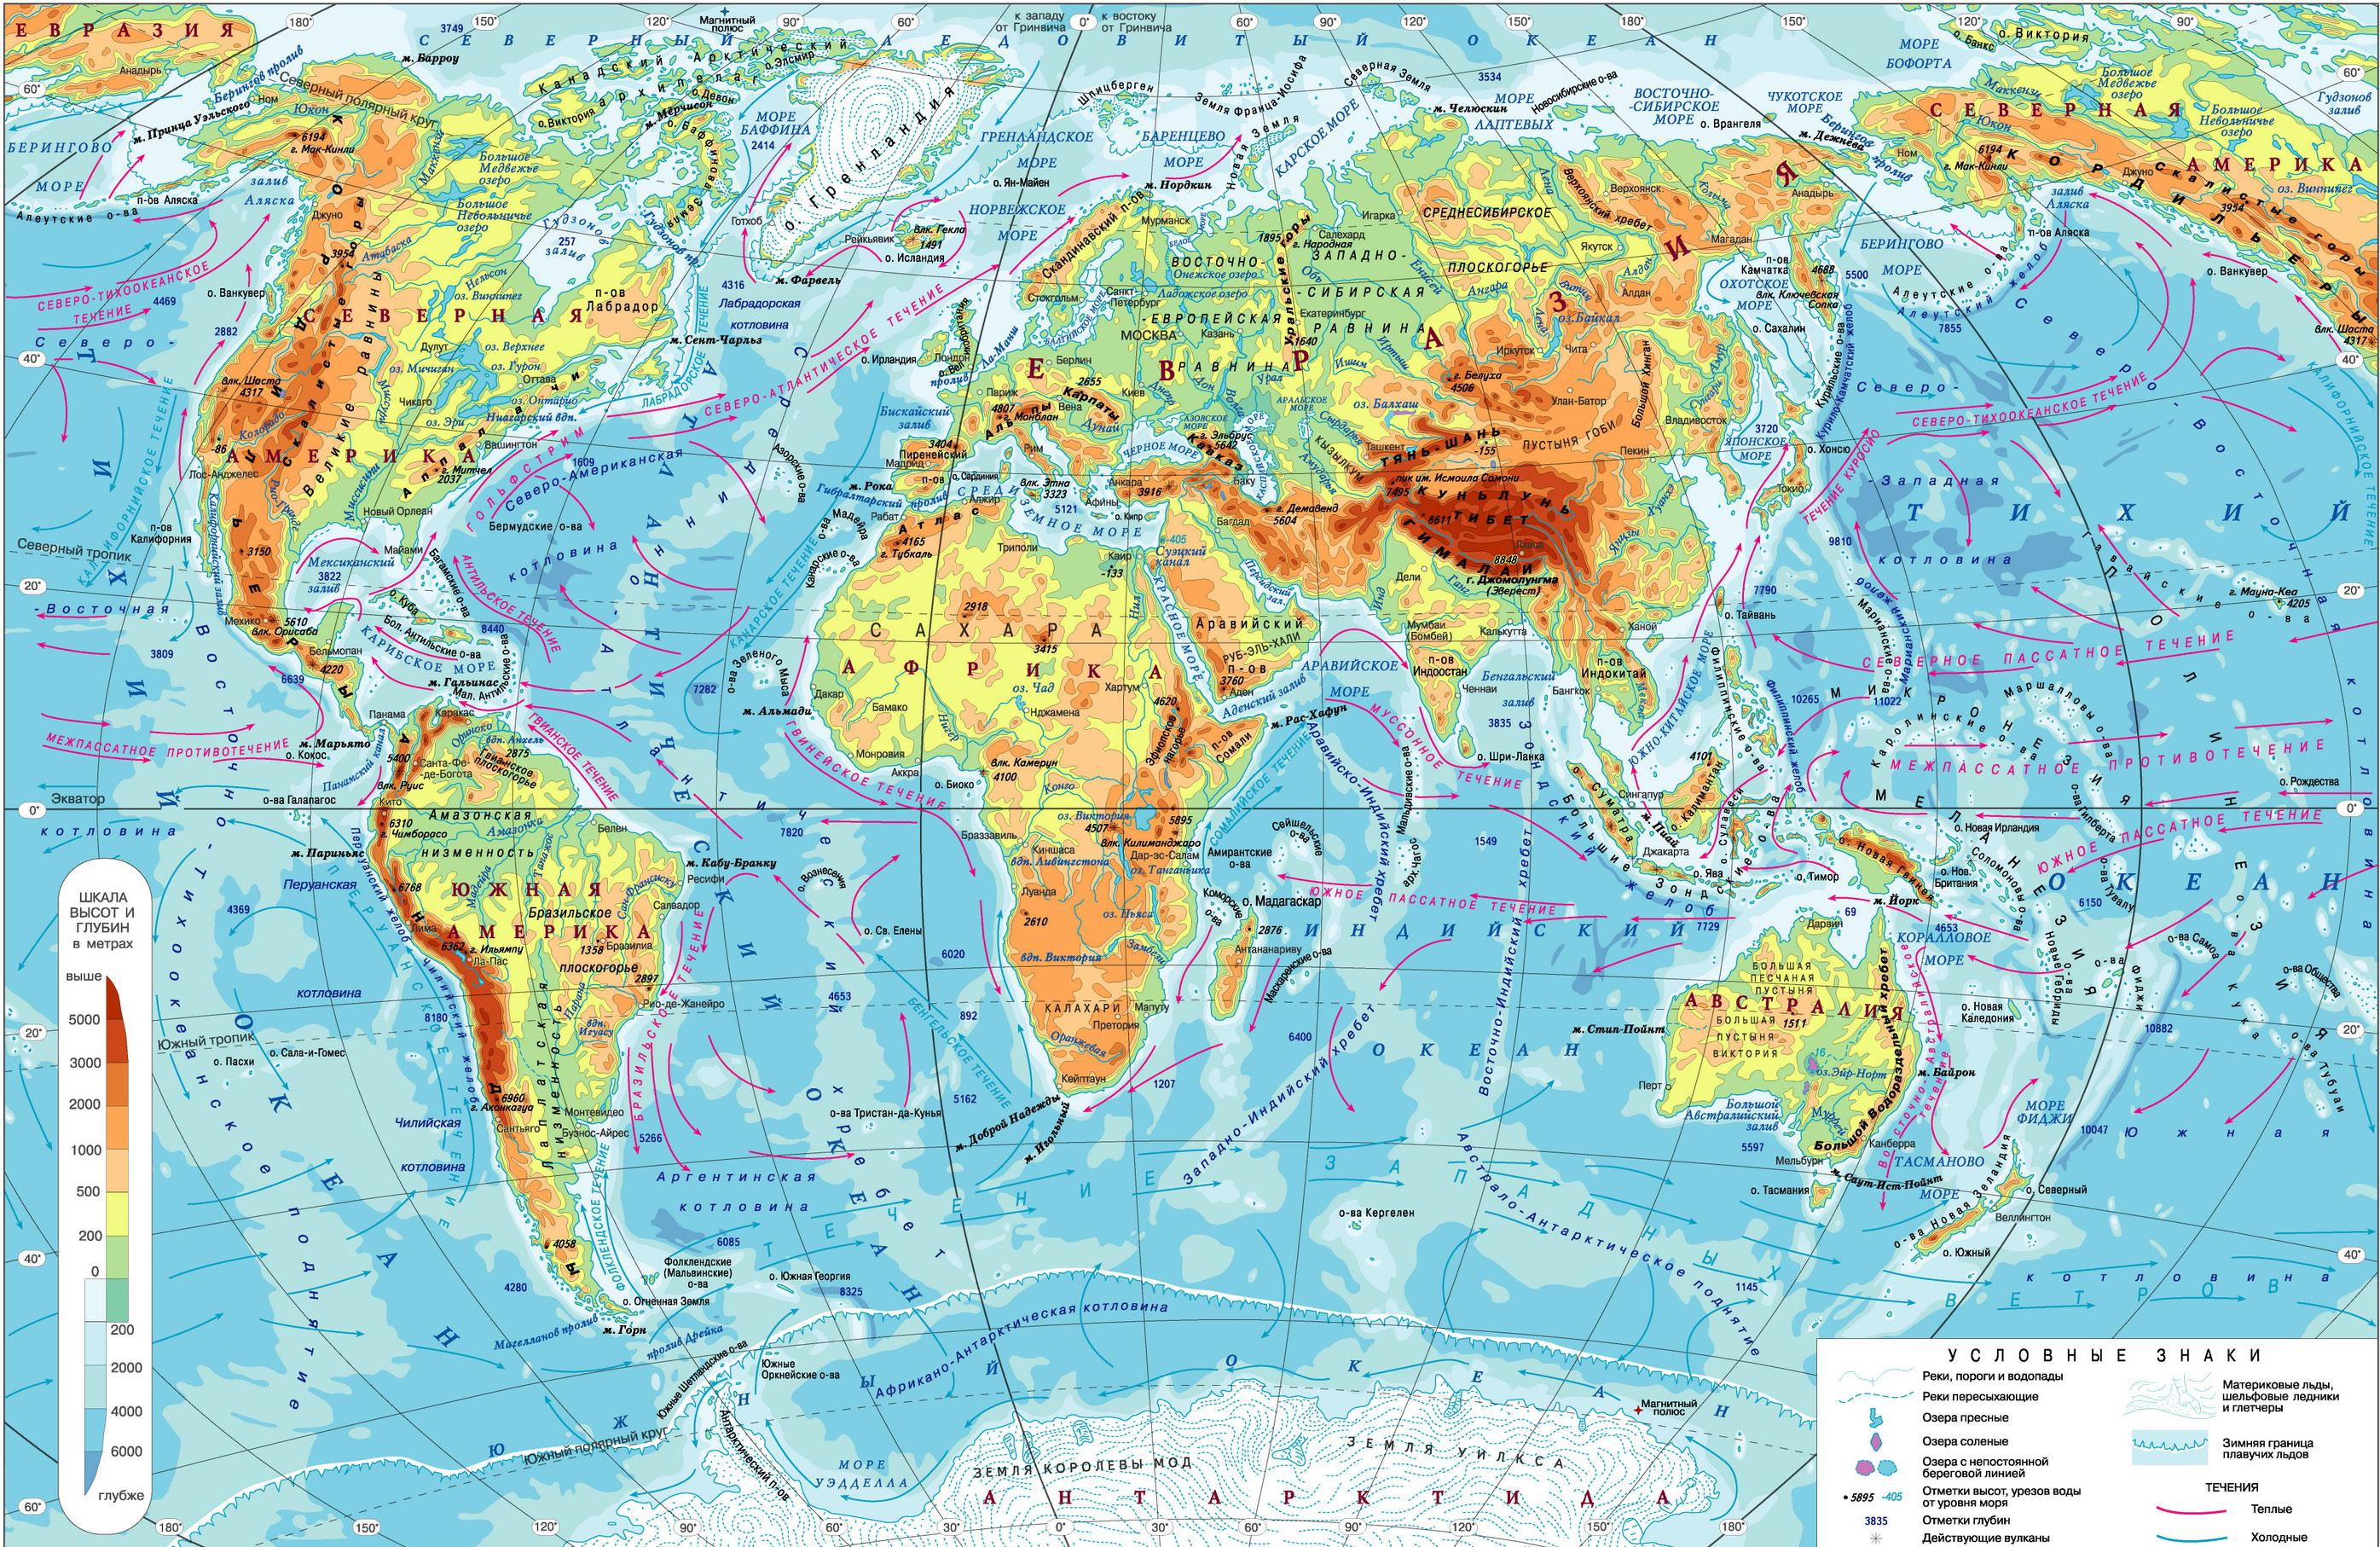 Подробная карта мира на русском языке, политическая и ...: http://obzorurokov.ru/karta-mira-na-russkom-yazyke